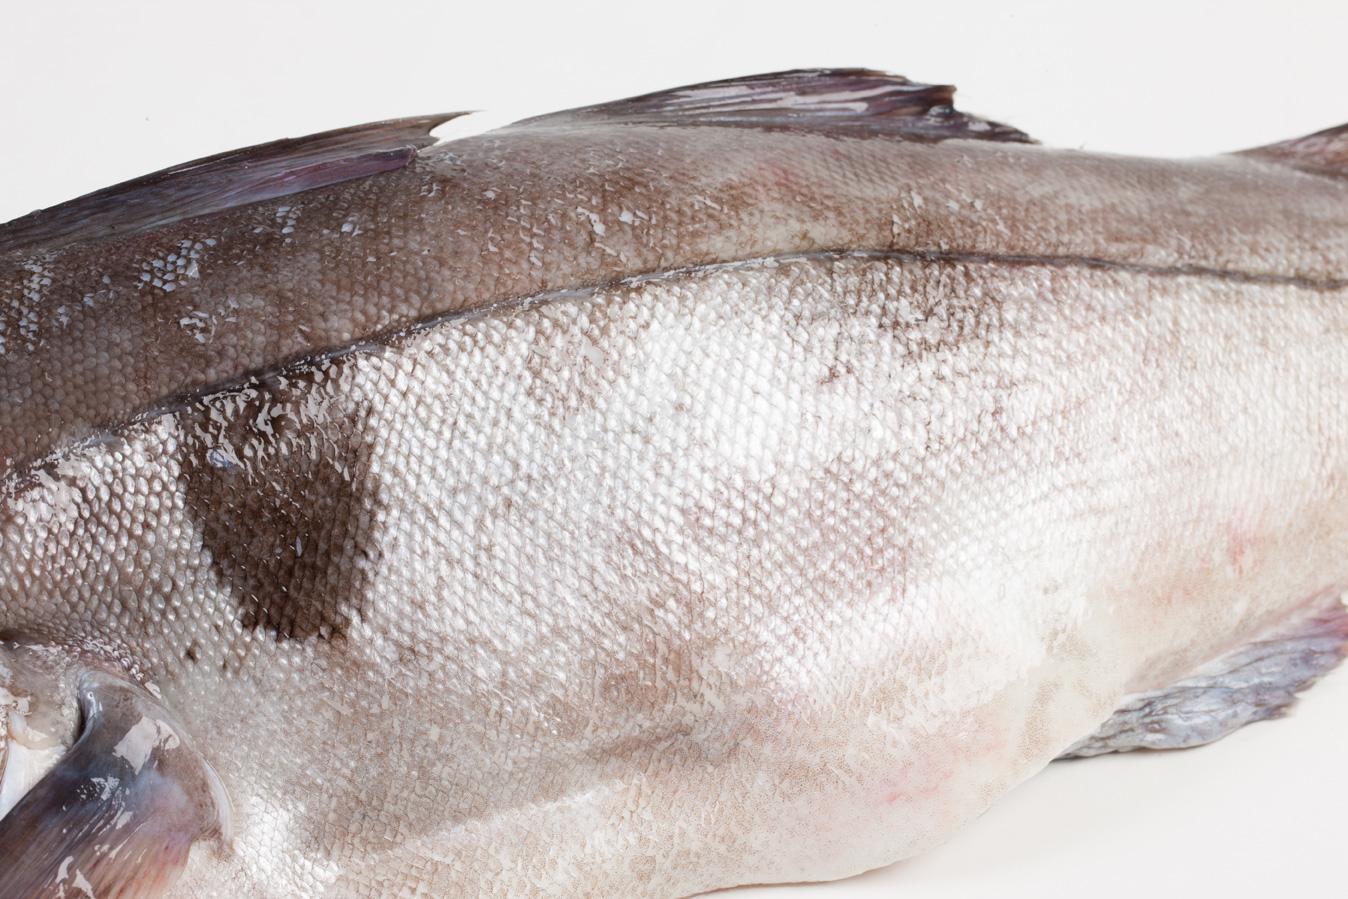 Groothandel-vis-FishXL-vis-schelvis_WL_9561